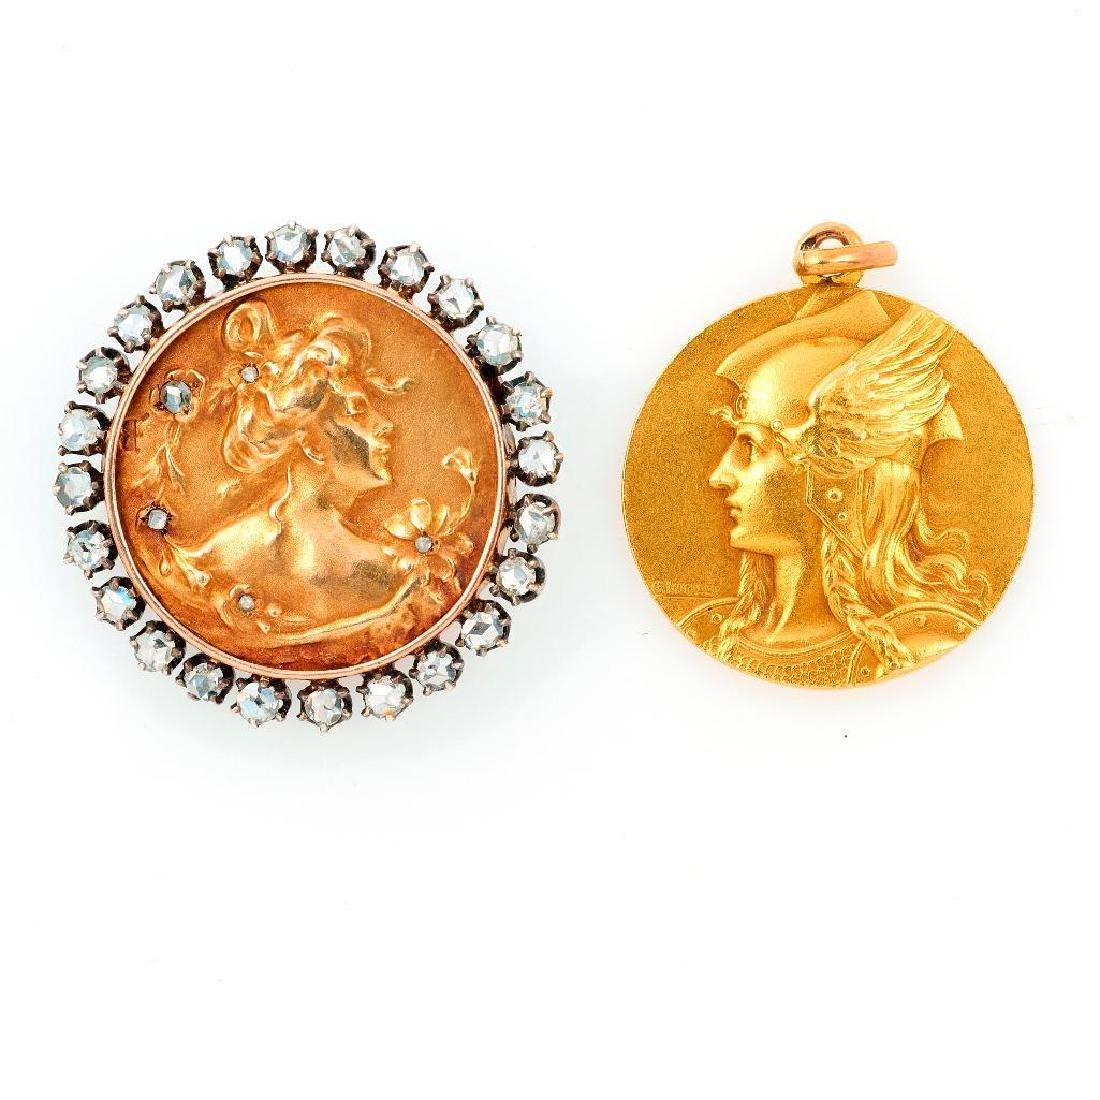 Andre Lavrillier Art Nouveau 18k gold pendant